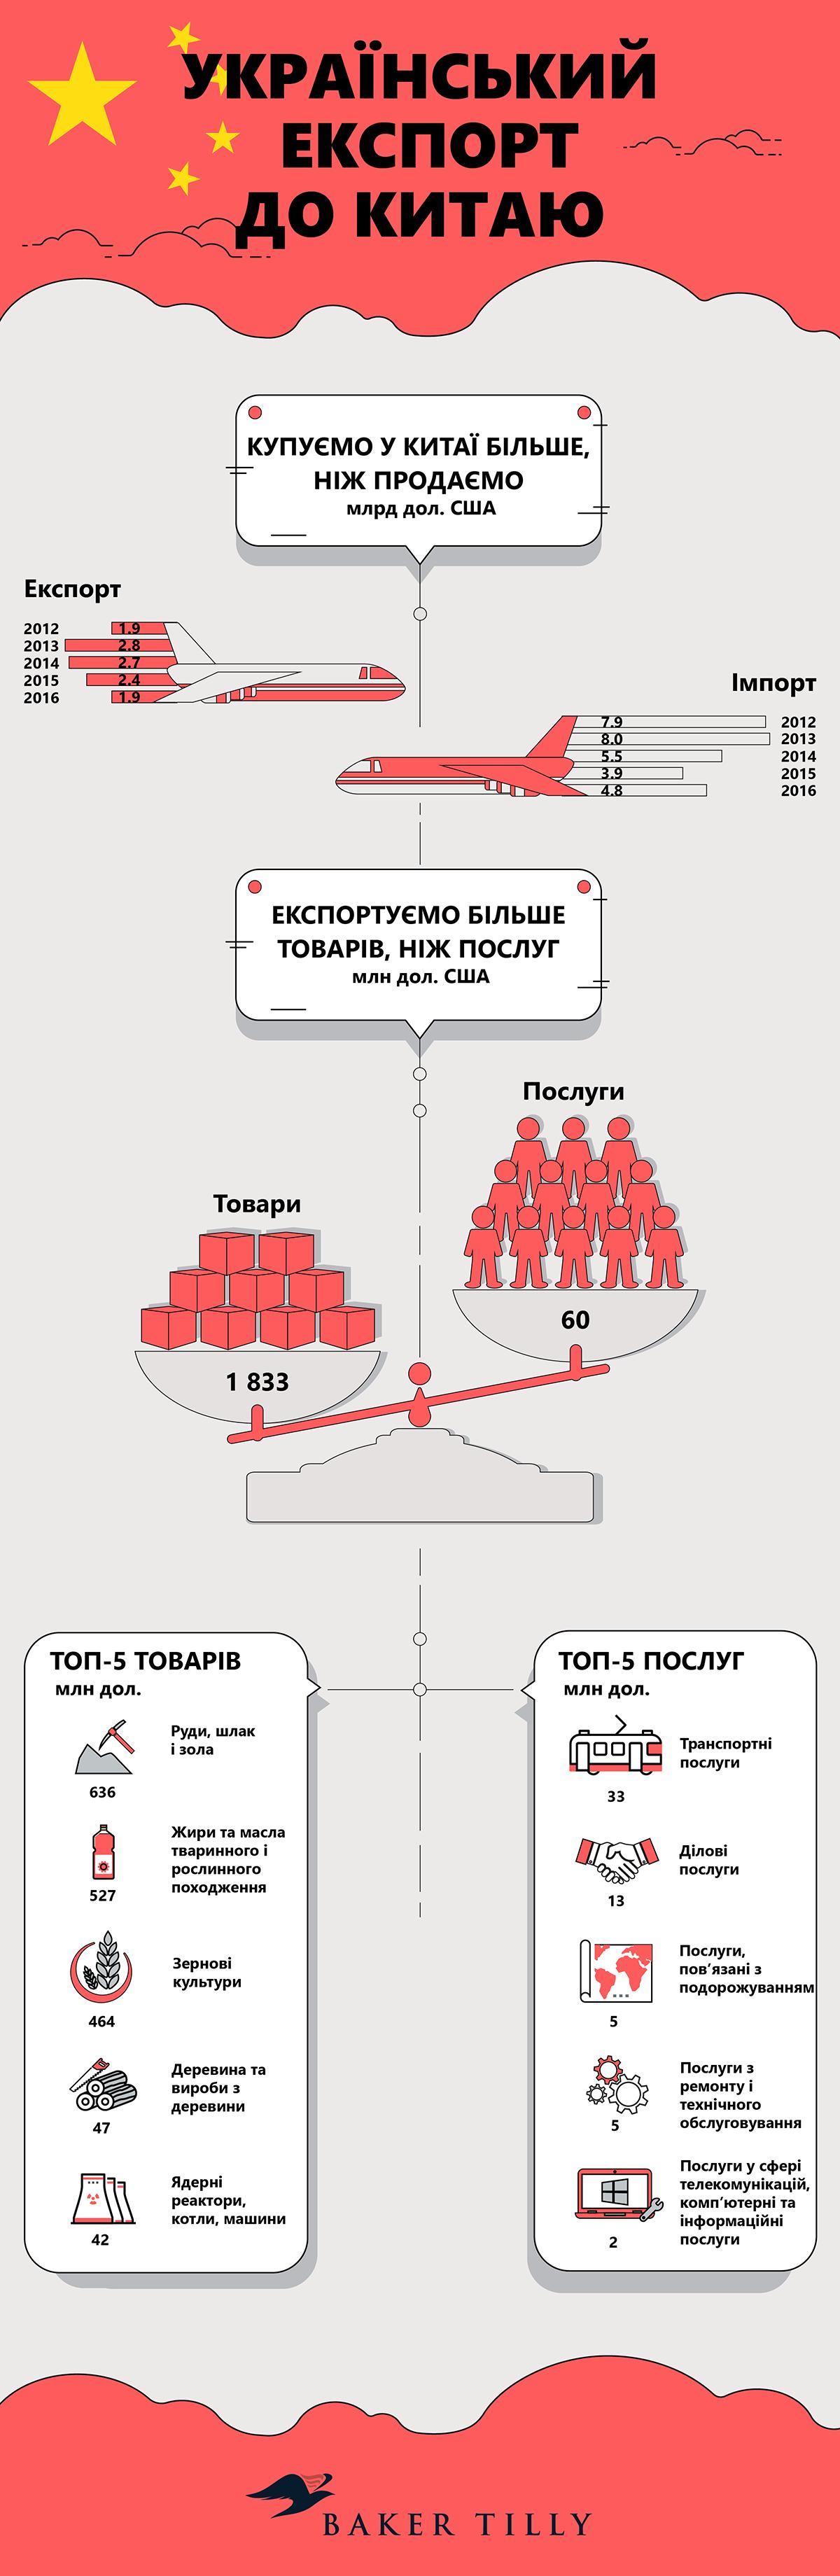 Експорт з України до Китаю у 2017 році — АГРОПОЛІТ cd5fbec5a717c